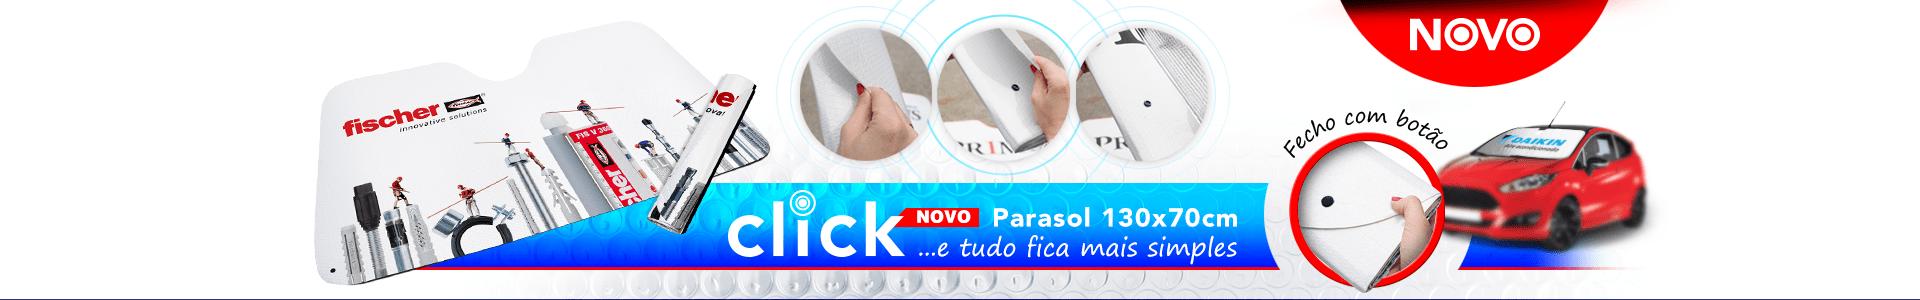 Novo Tapasol Publicitario Click